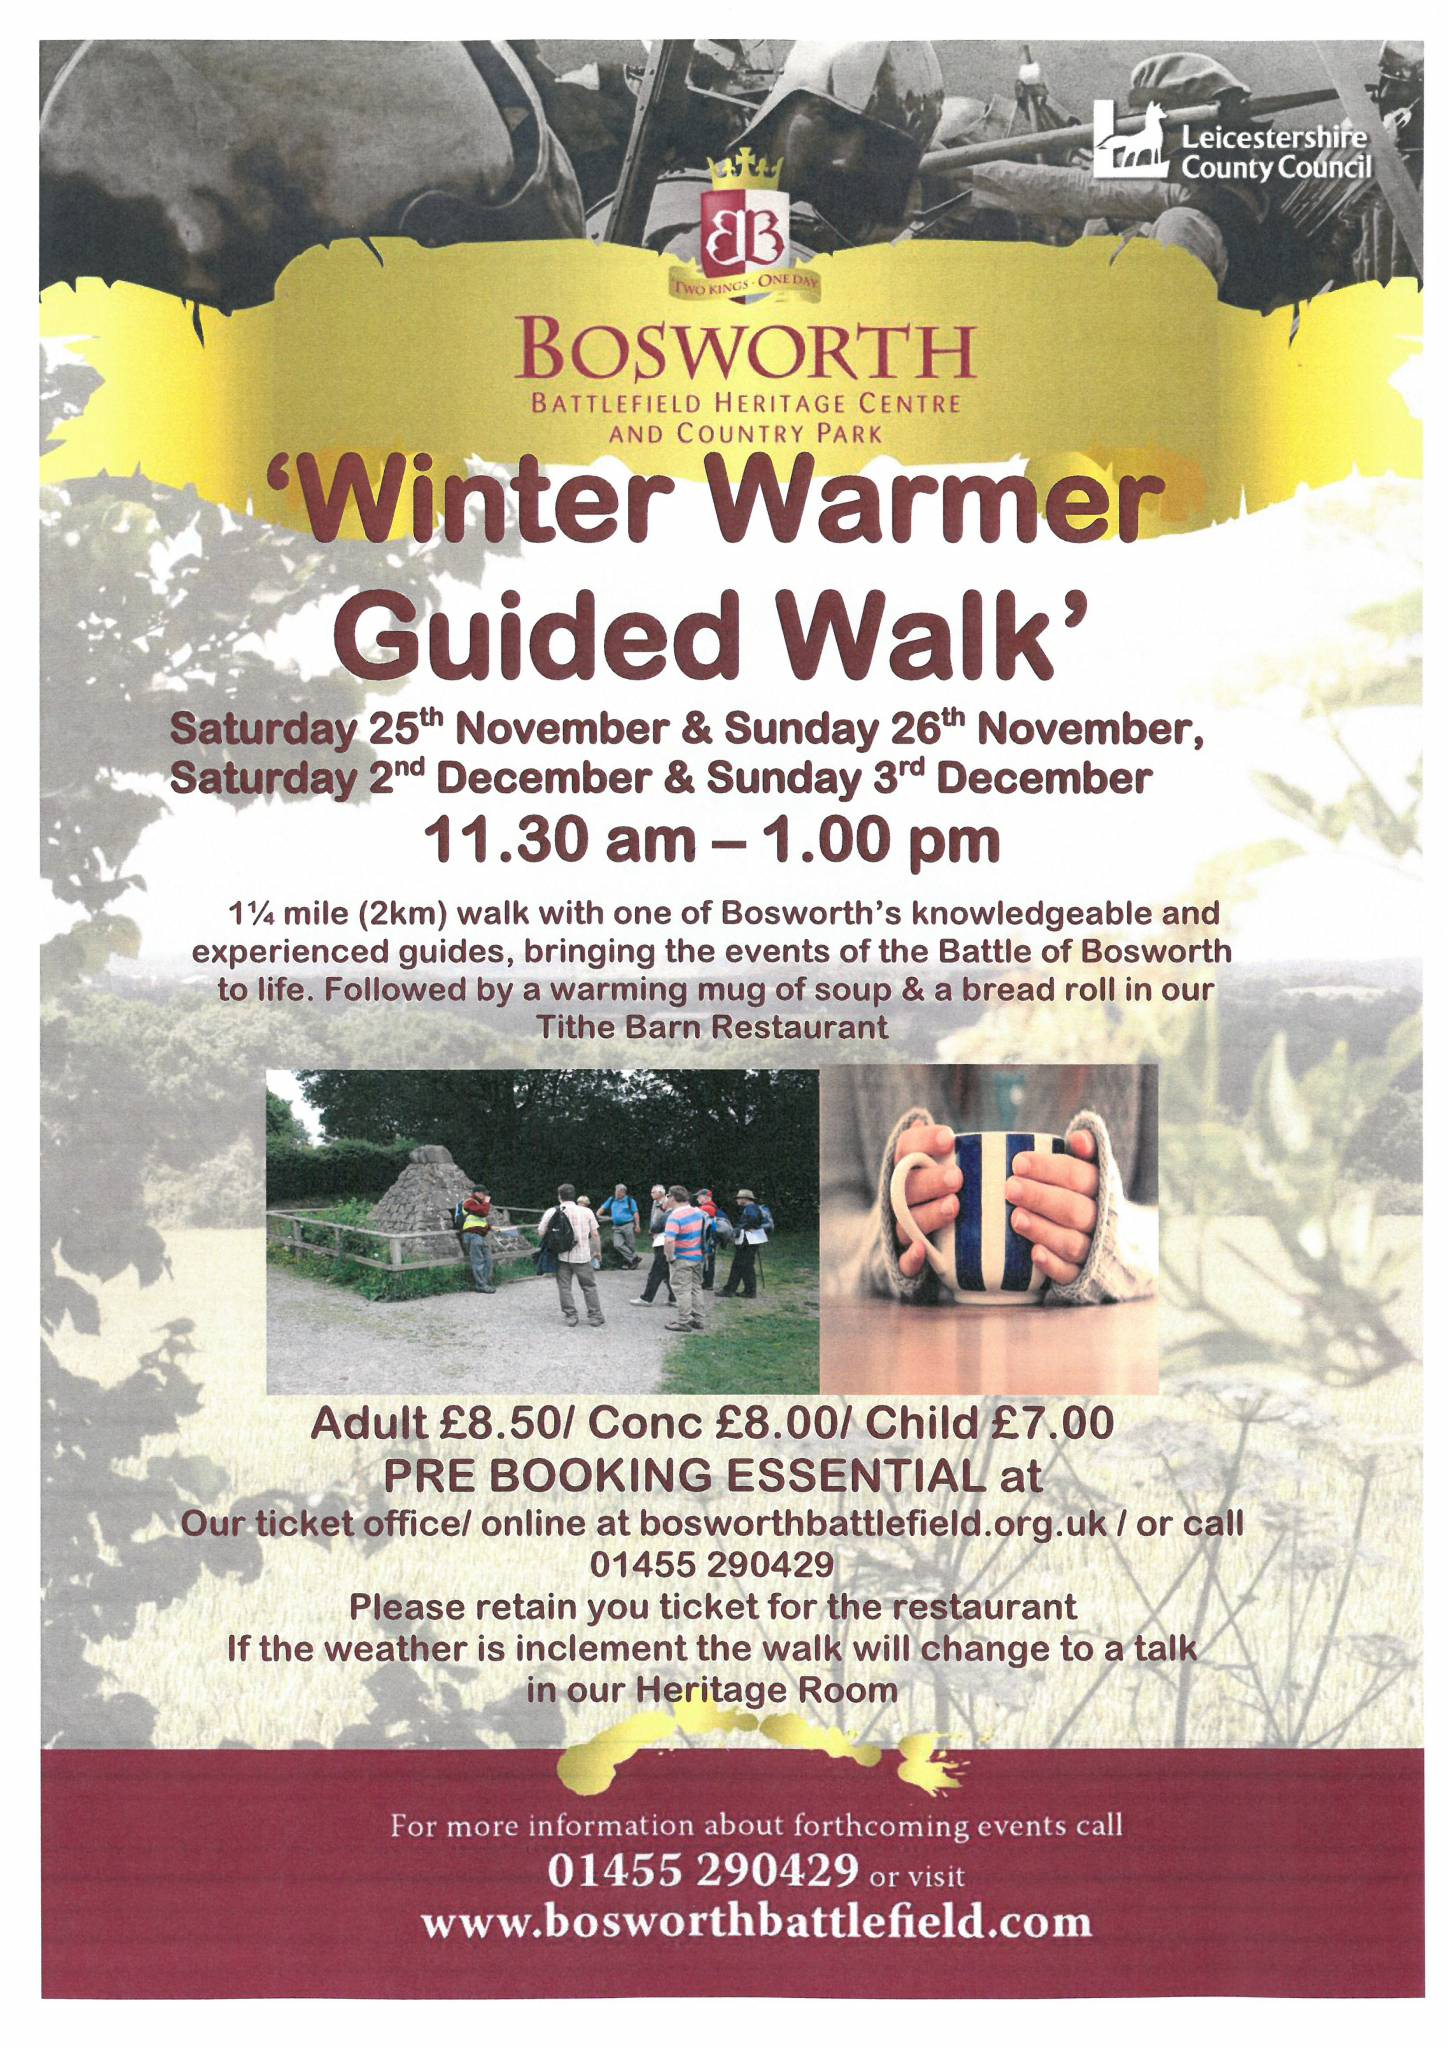 Weekend Winter Warmer Walk